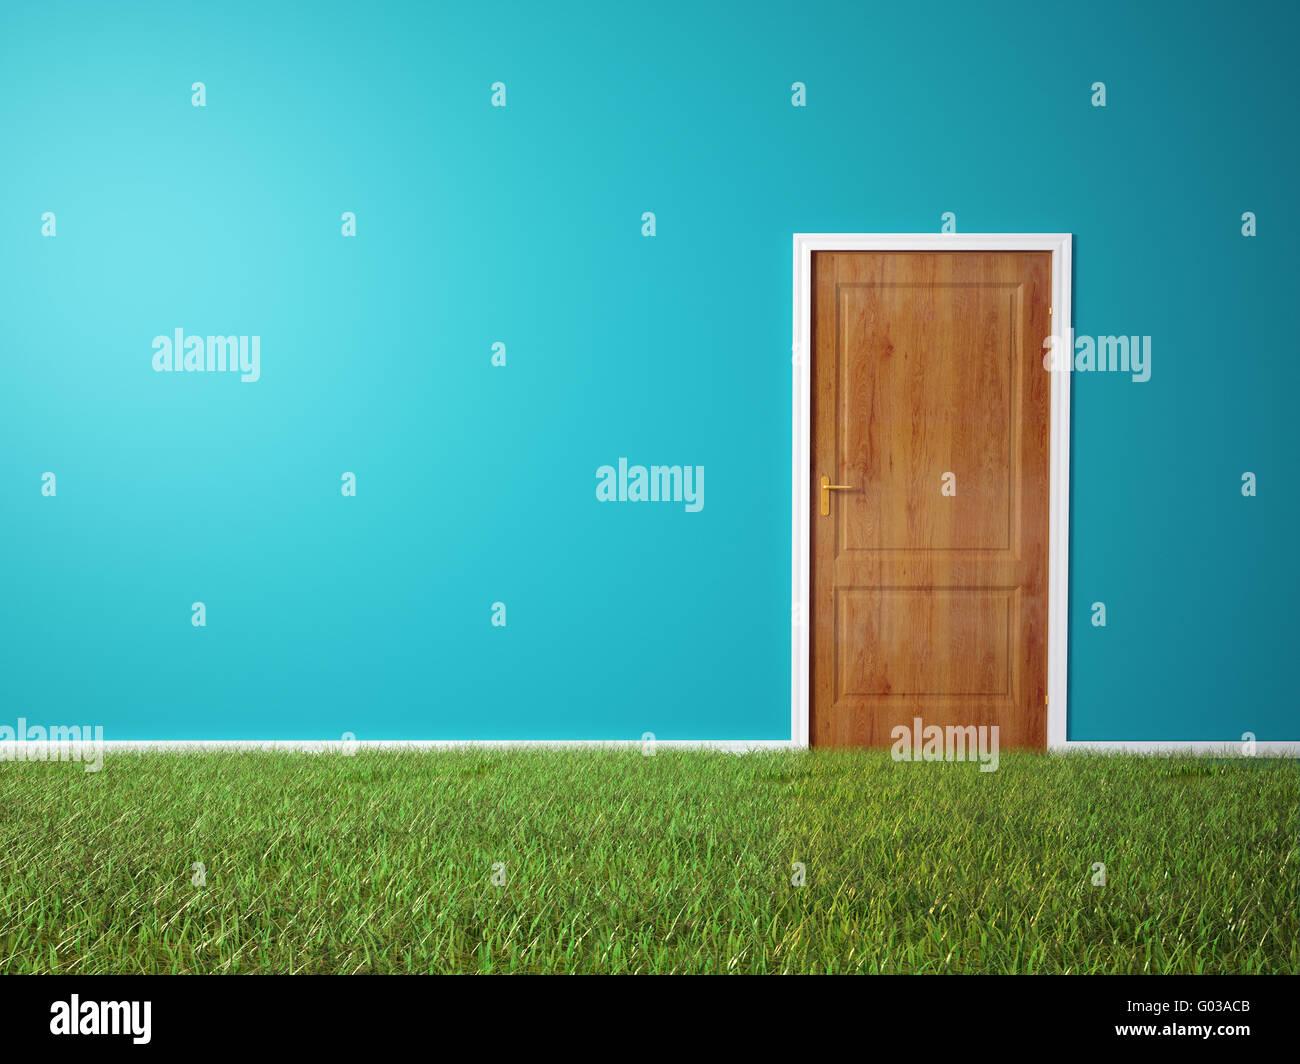 Chambre avec porte en bois et un sol couvert d'herbe Photo Stock